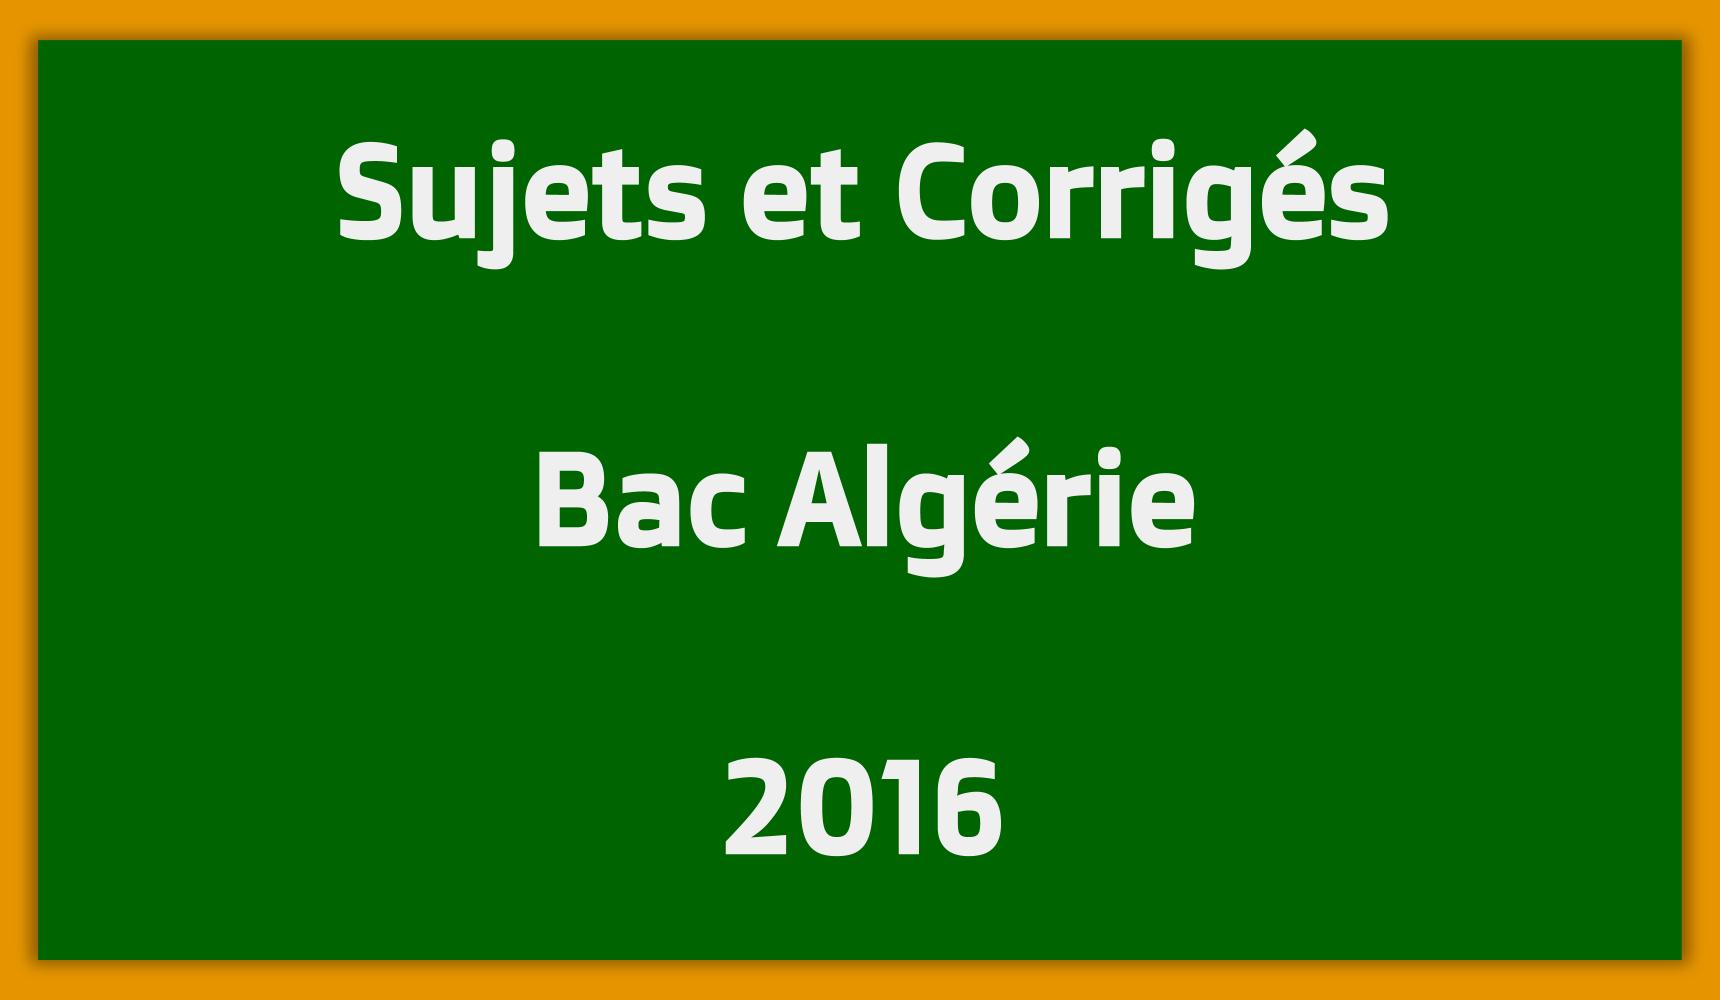 Sujets Corrigés Bac Algérie 2016